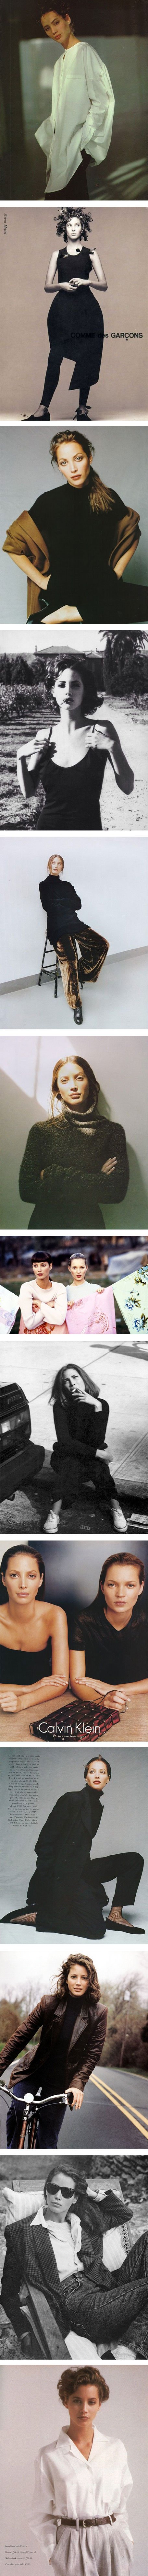 Christy Turlington's best 90s style moments via Nuji.com